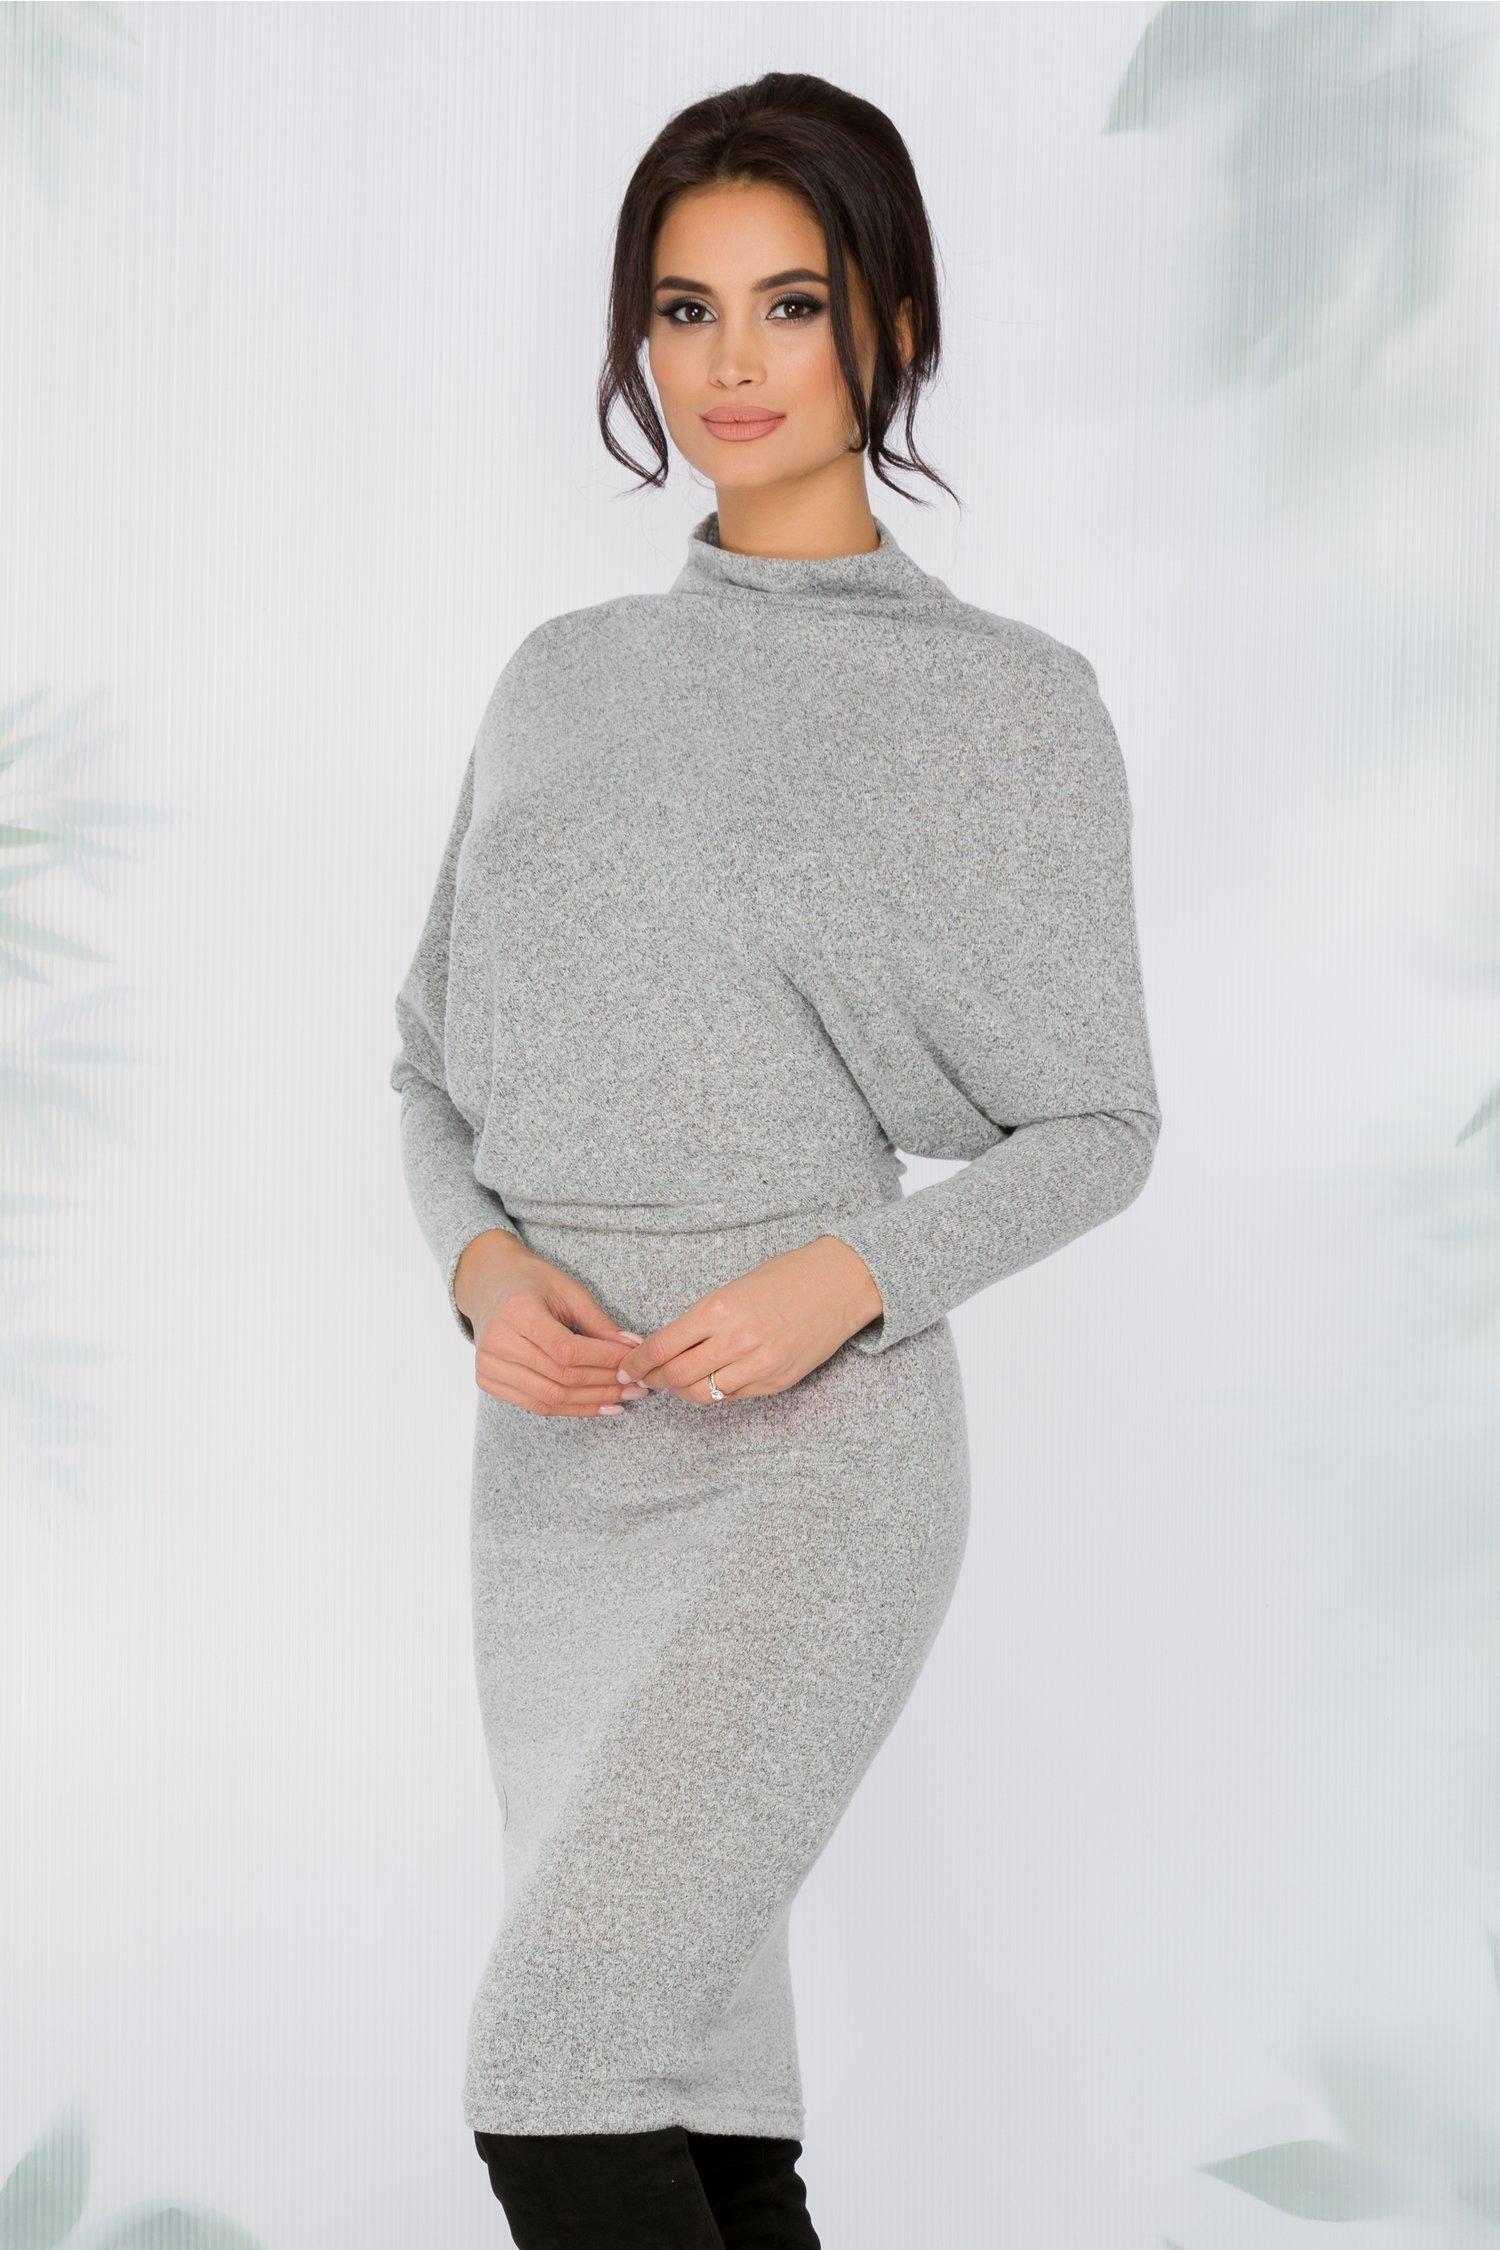 prețuri de vânzare cu amănuntul moda designerului vânzător en-gros Rochie Midi Gri Casual Guler La Baza Gatului